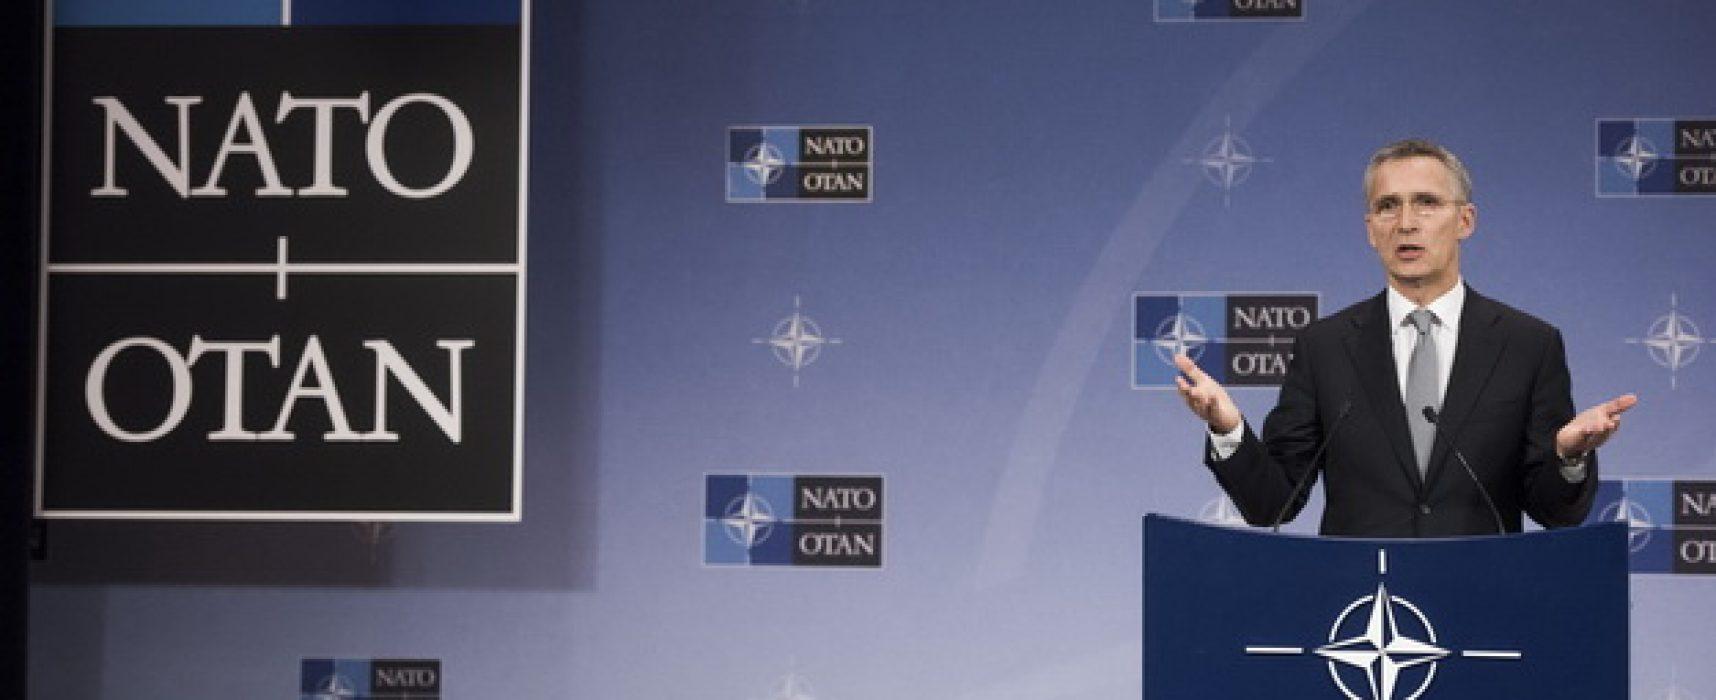 «Мы не хотим новой холодной войны»: НАТО готовится к военной агрессии России